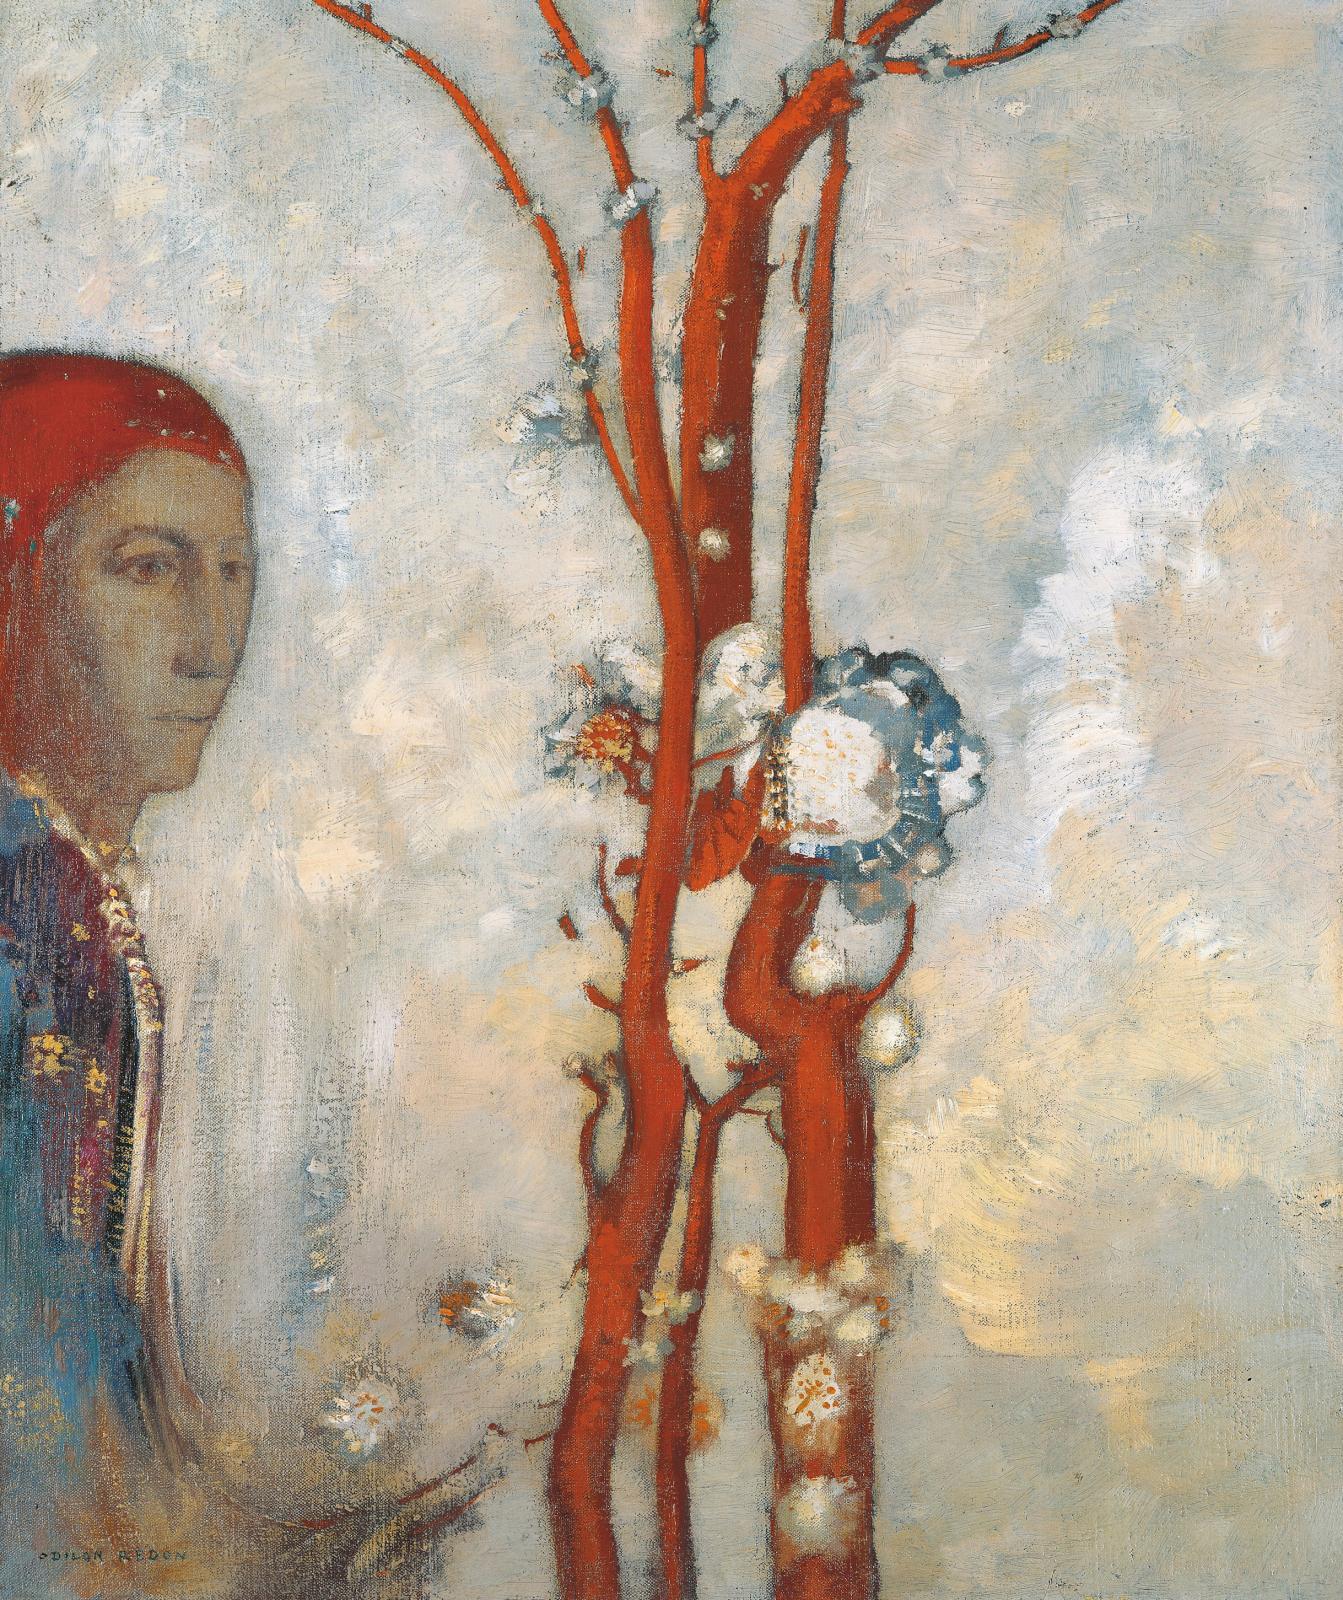 Odilon Redon (1840-1916), La Fleur rouge, dit aussi Le Buisson rouge, vers 1905, huile sur toile, 55x48cm. ©Droits réservés